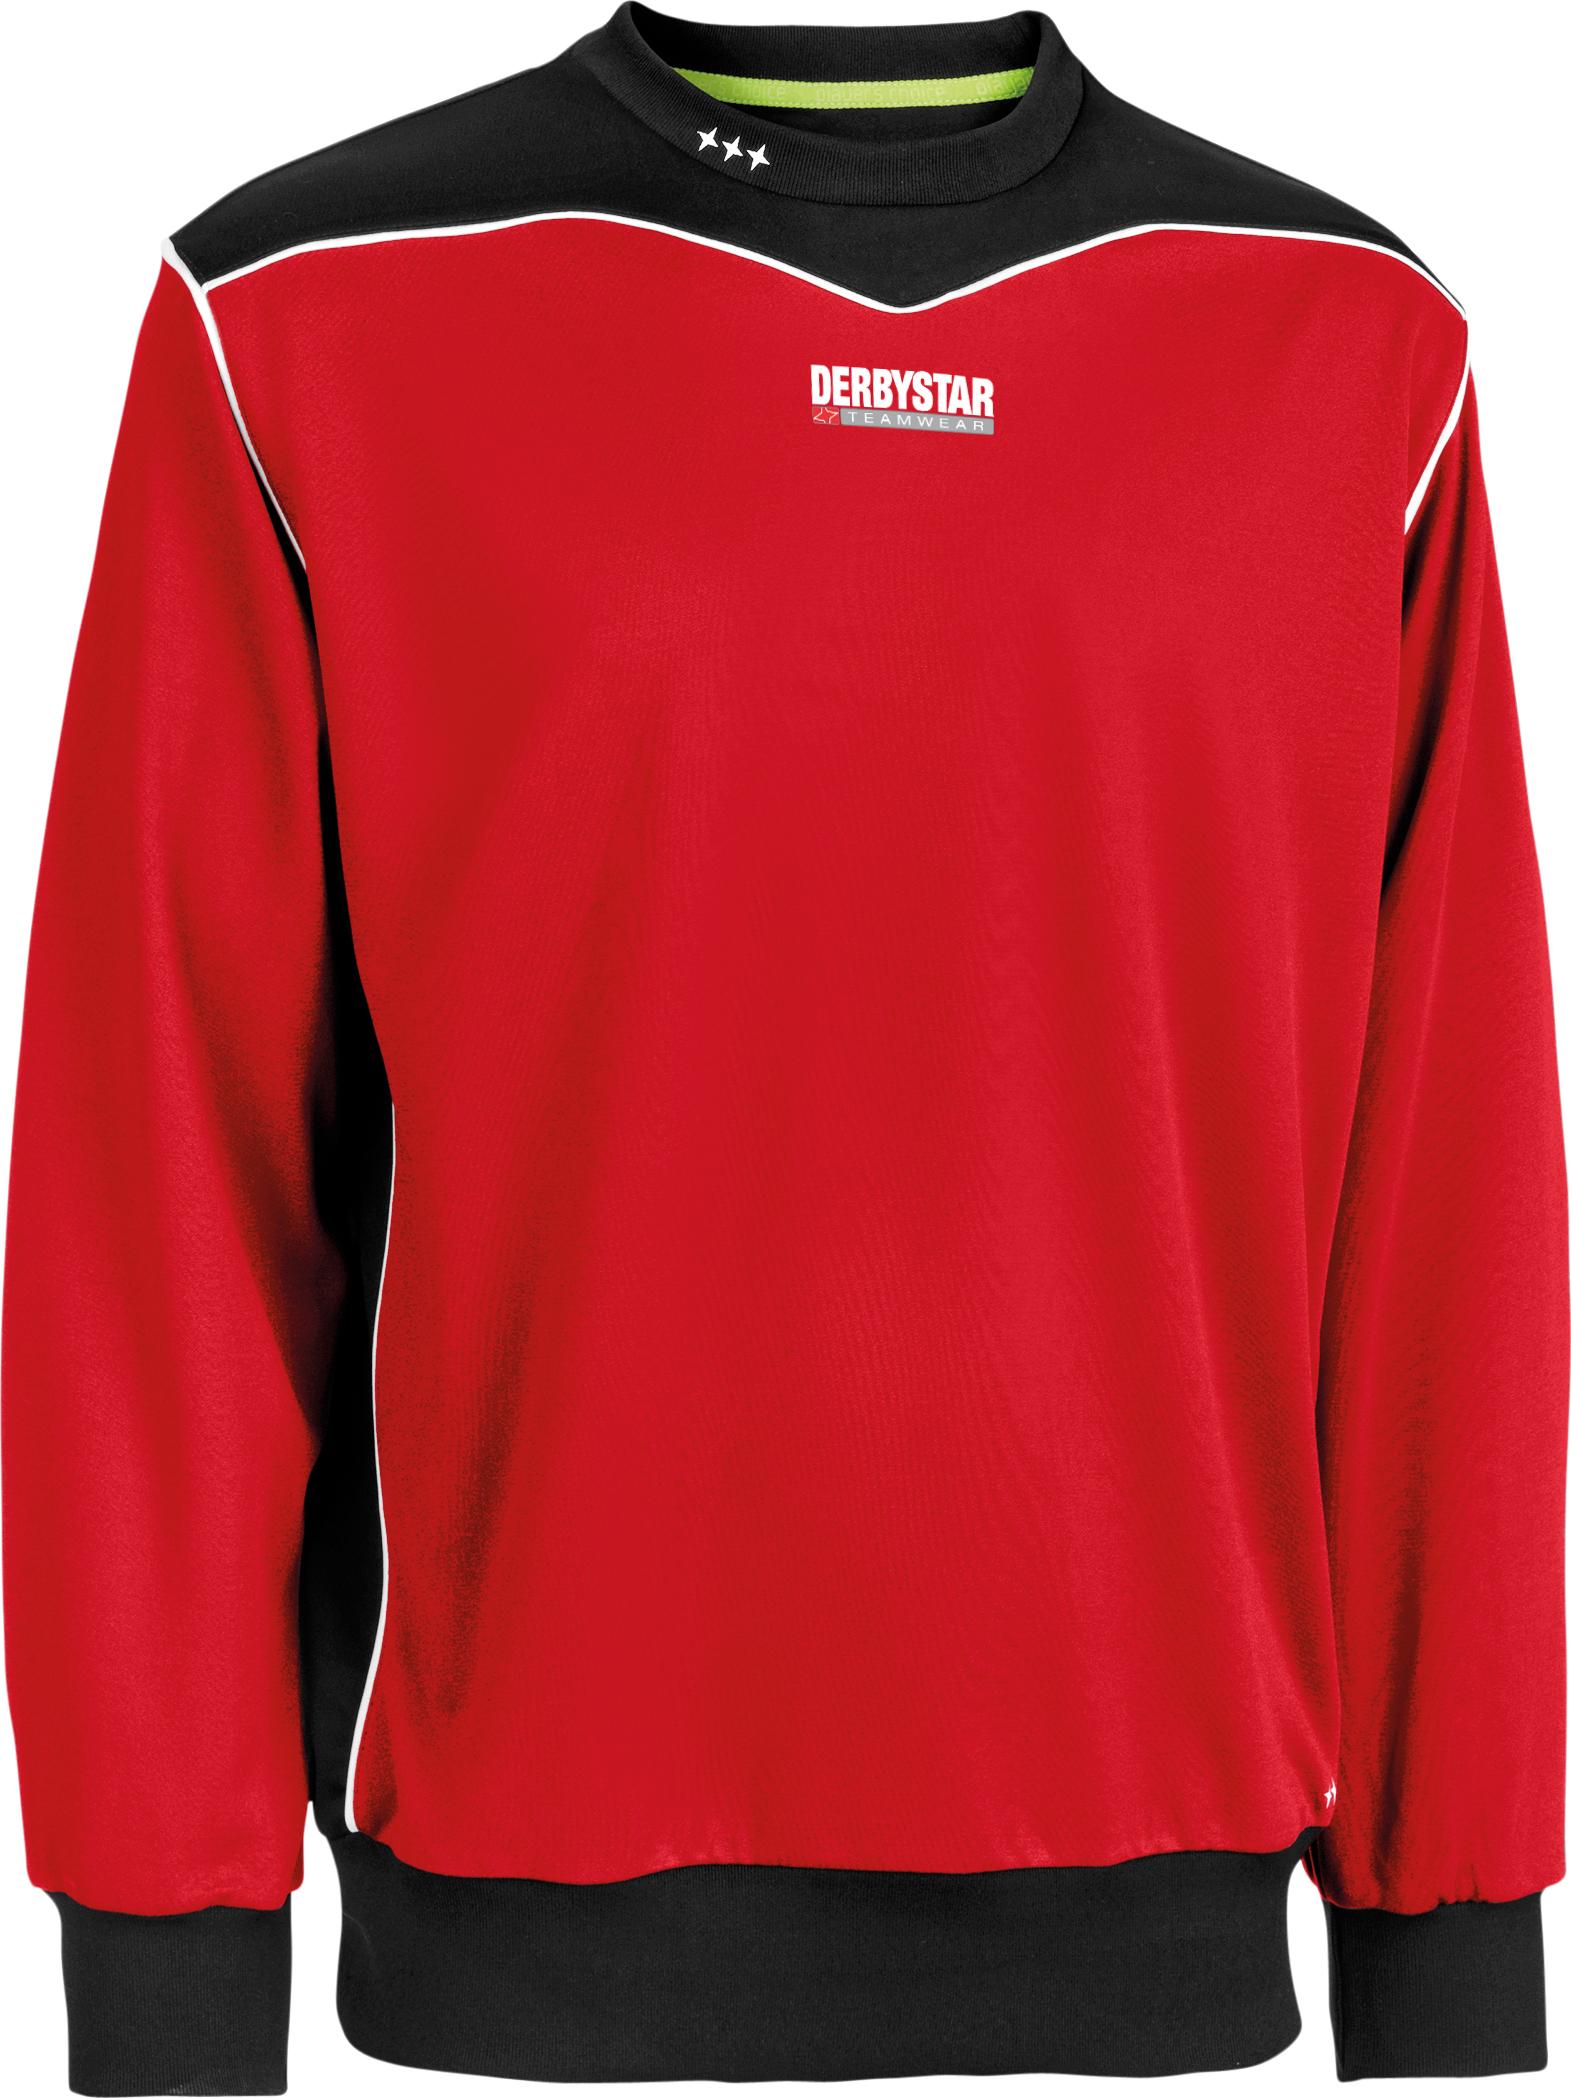 Billede af Derbystar Brillant Sweatshirt - Senior - Red - L